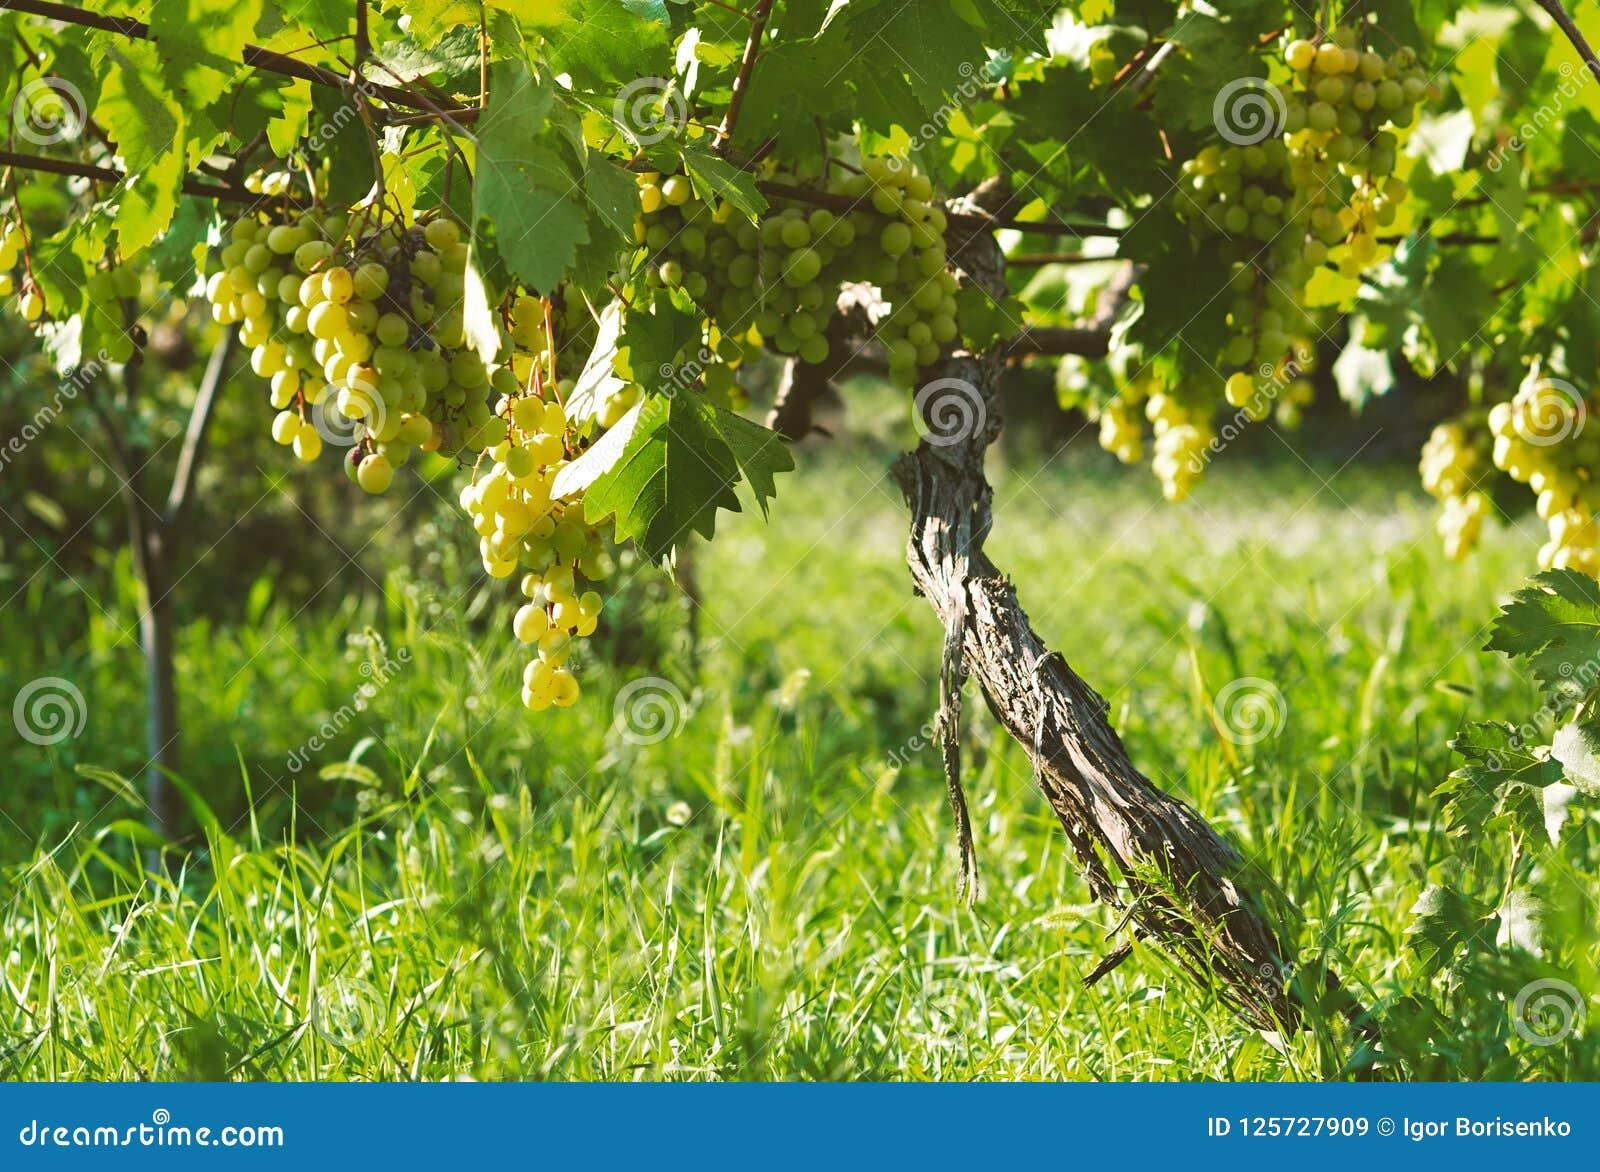 Reife Bündel Frucht der weißen Traube des Herbstes ernten bereites zur Weiterverarbeitung in der Landwirtschaft und Herstellung u